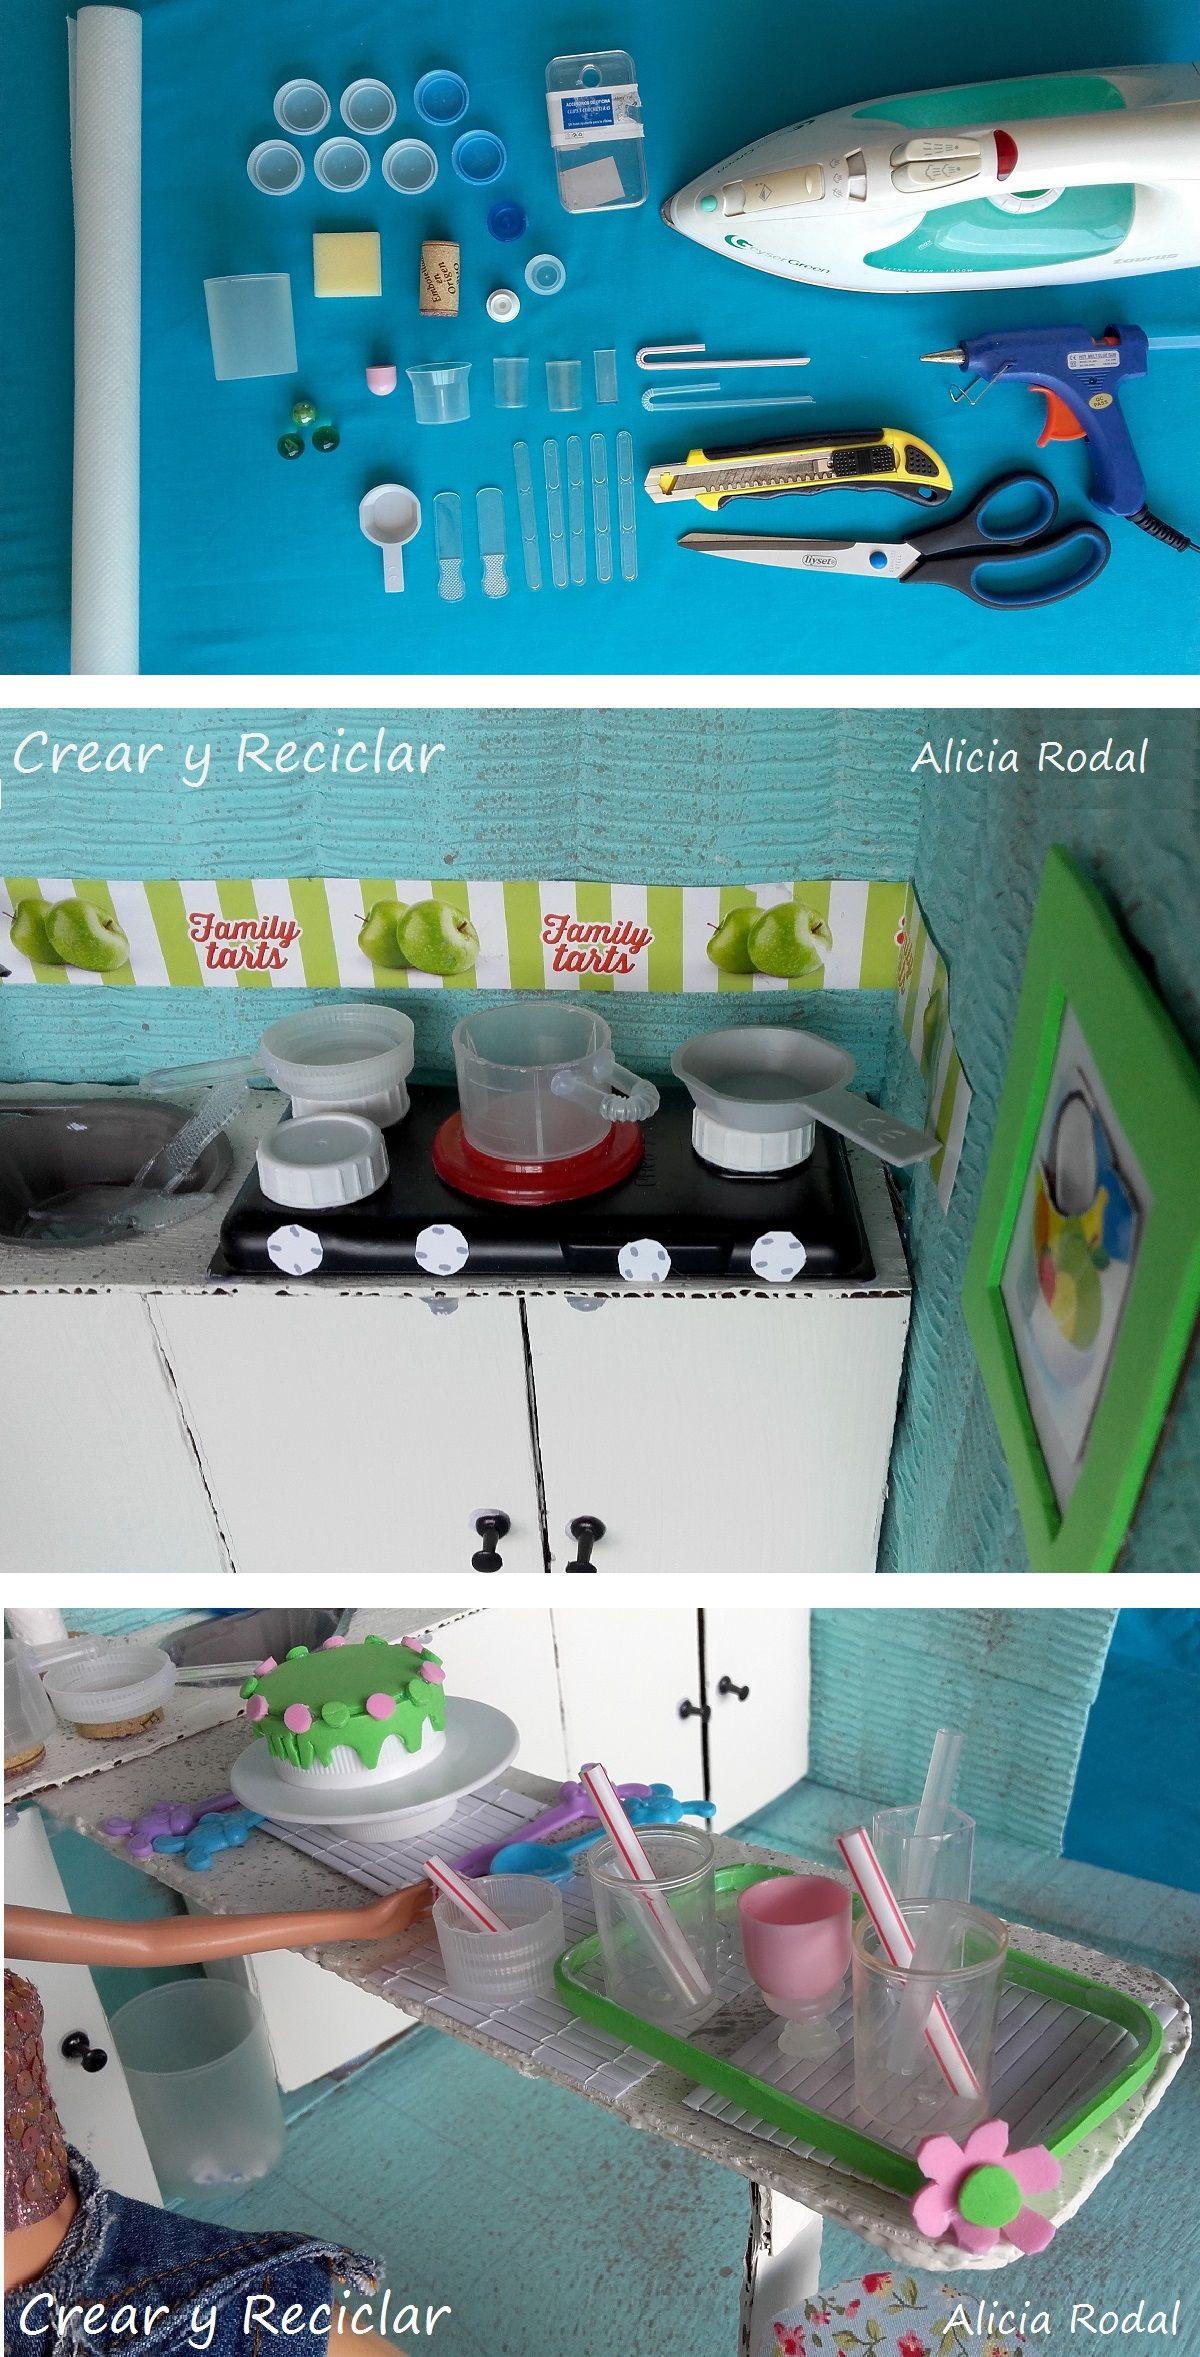 c mo hacer platos vasos copas tazas esponja de fregar frutero bandeja ollas sartenes. Black Bedroom Furniture Sets. Home Design Ideas